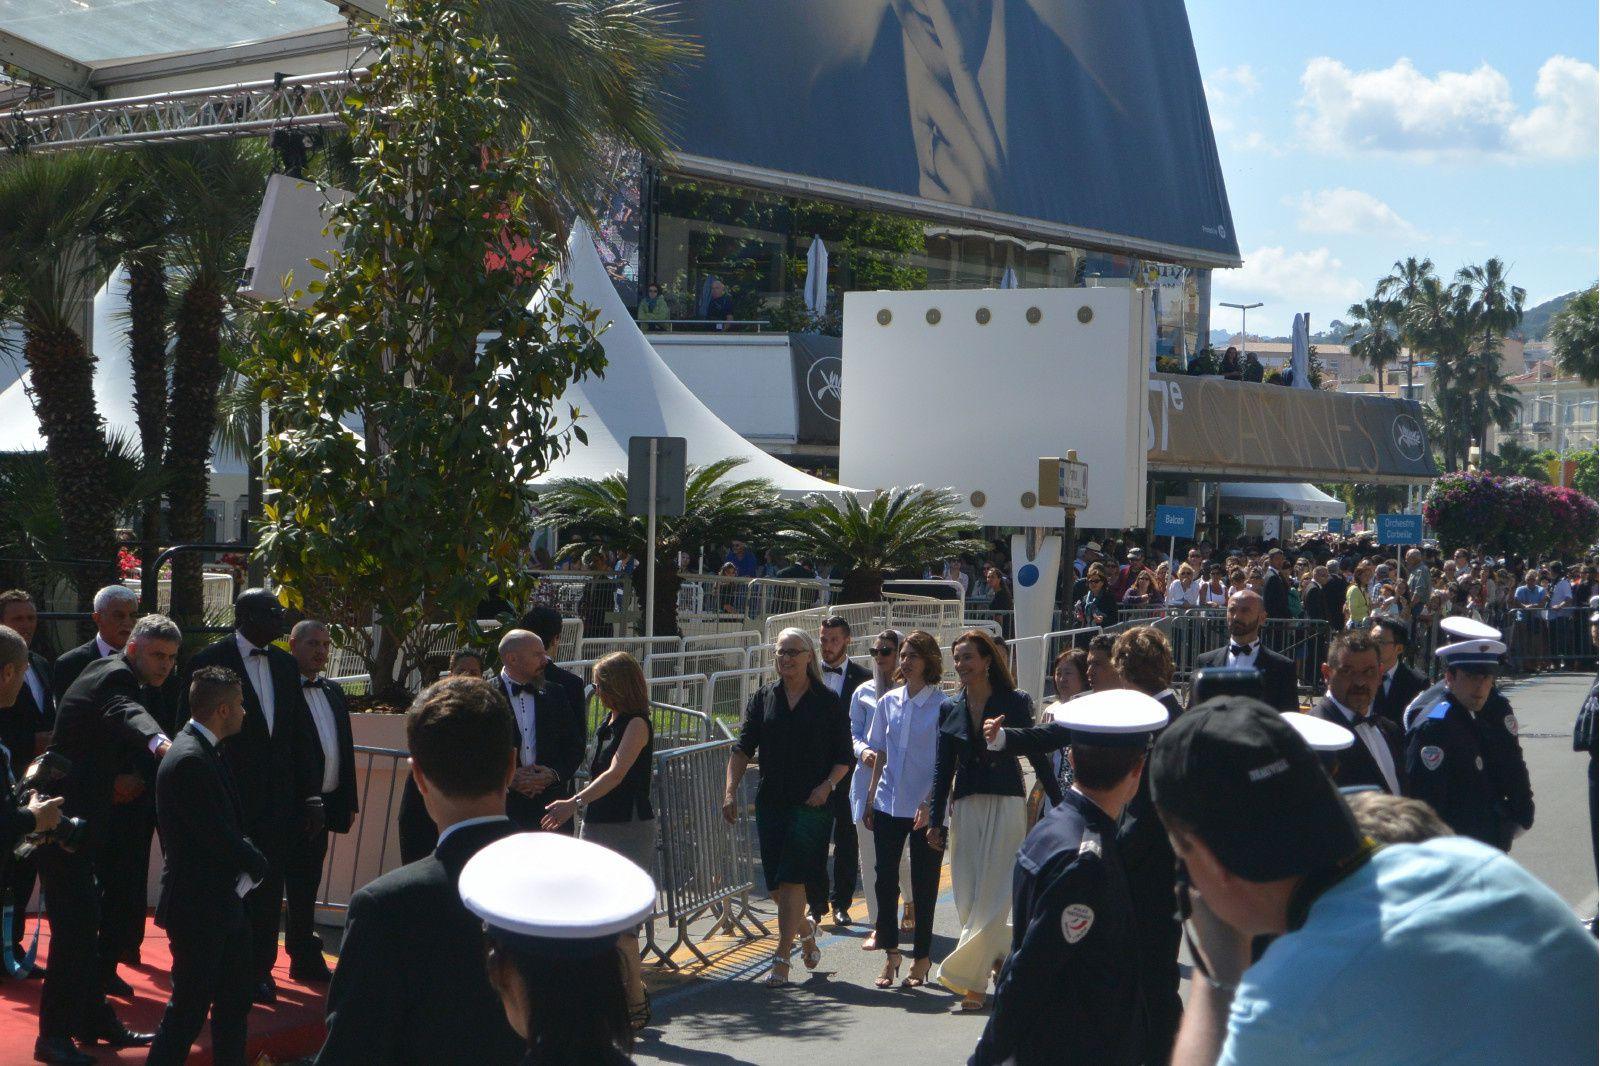 Les membre du jury arrivent, Carole Bouquet jupe longue, Jane Campion la présidente etc...